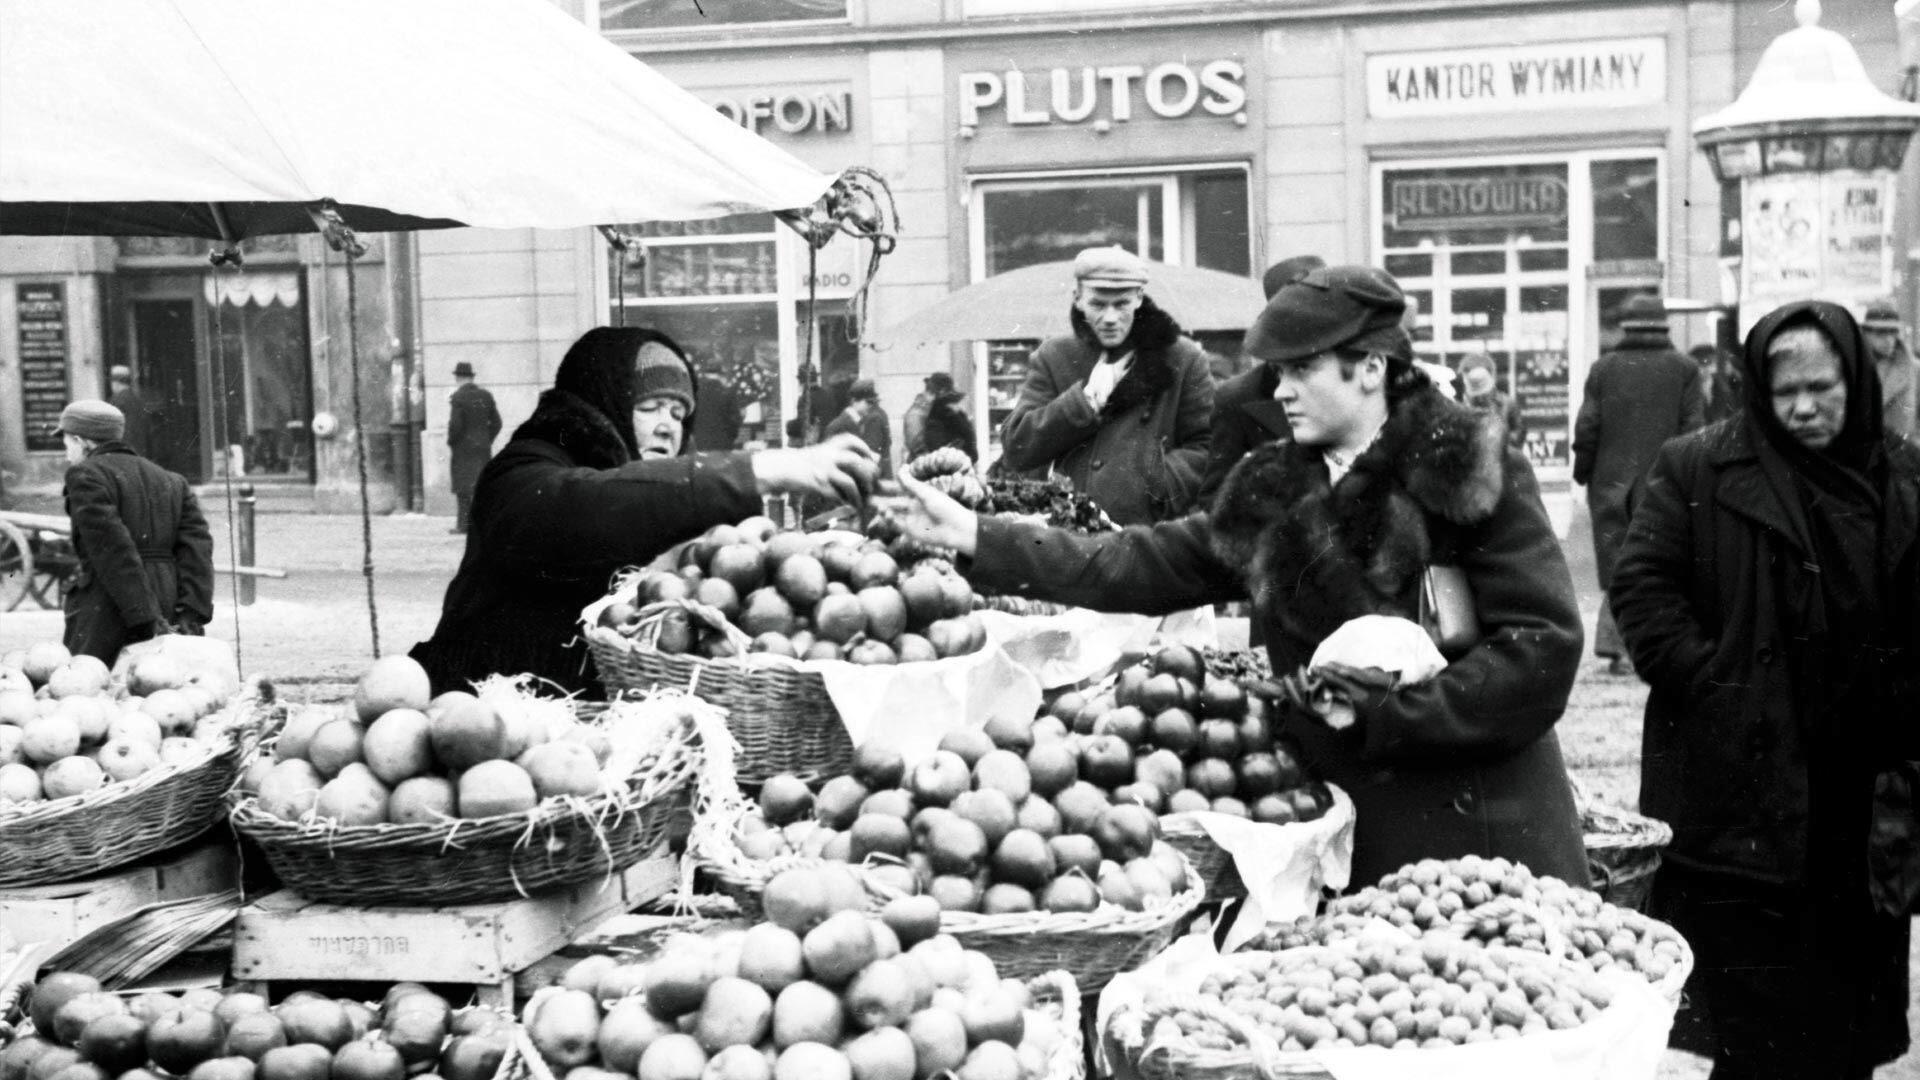 Jarmark Bożonarodzeniowy w Krakowie 1932. Co można było kupić przed wojną?